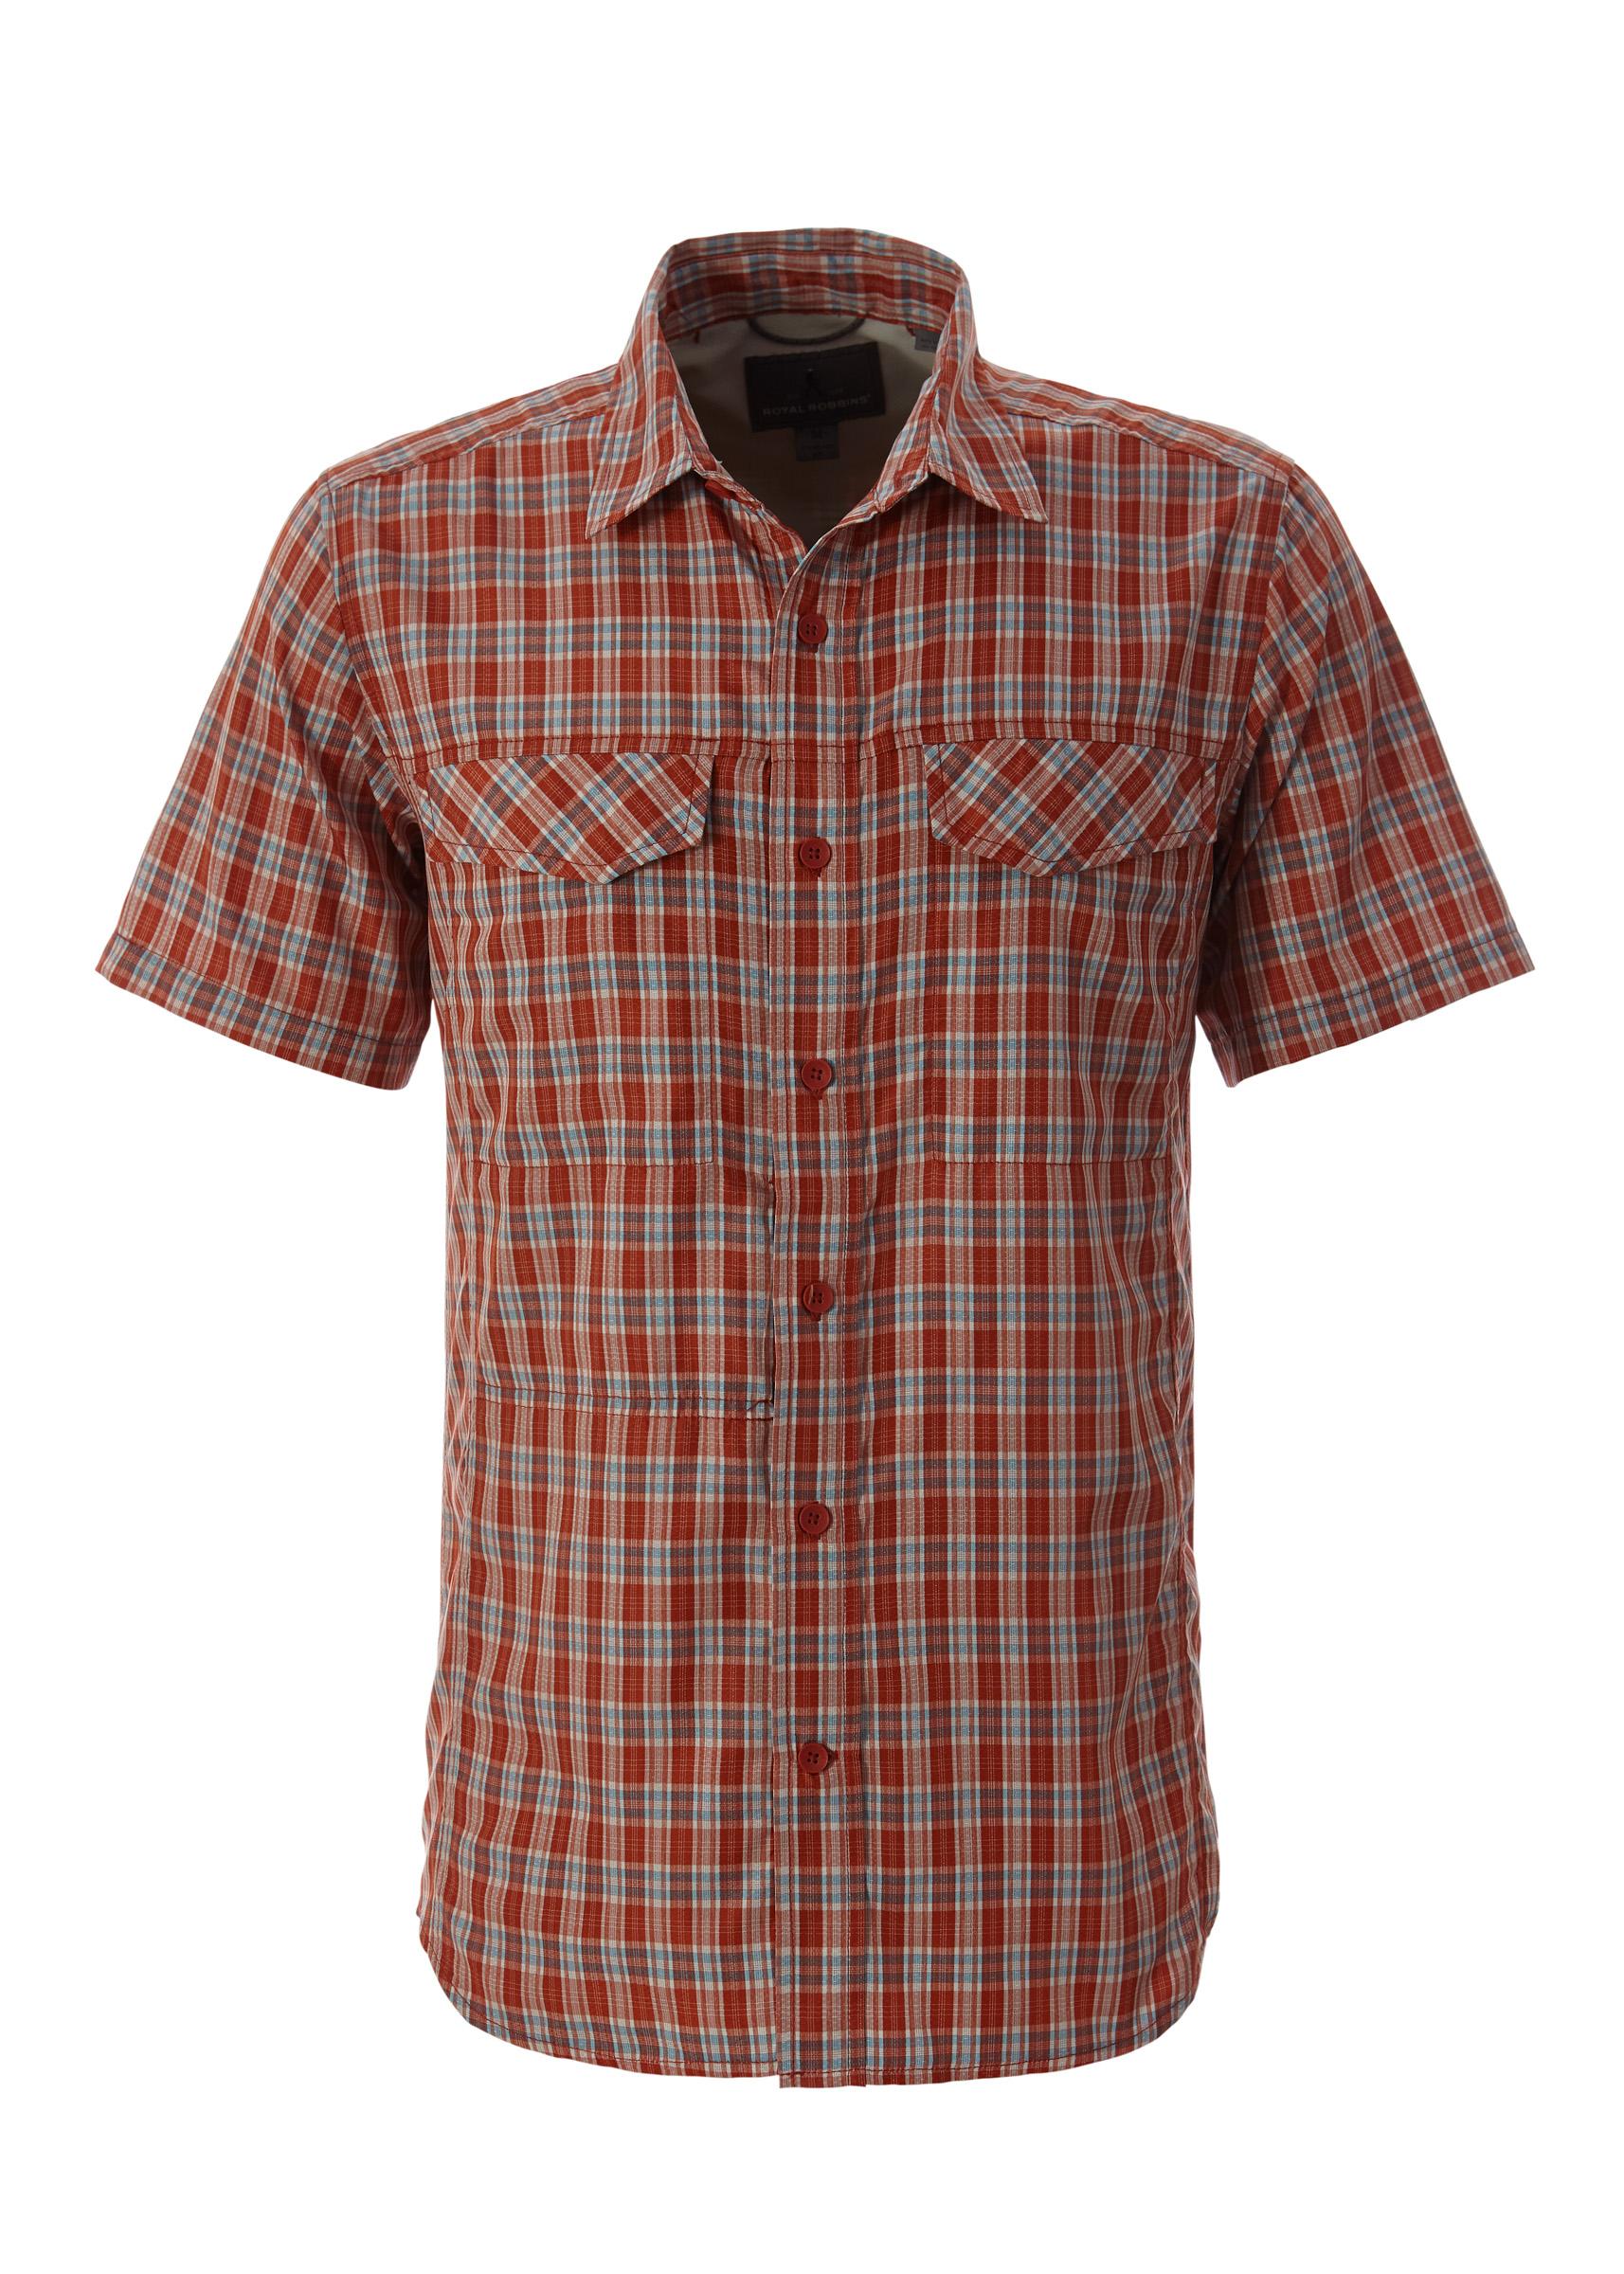 Royal Robbins M's Ultra Light S/S Shirt